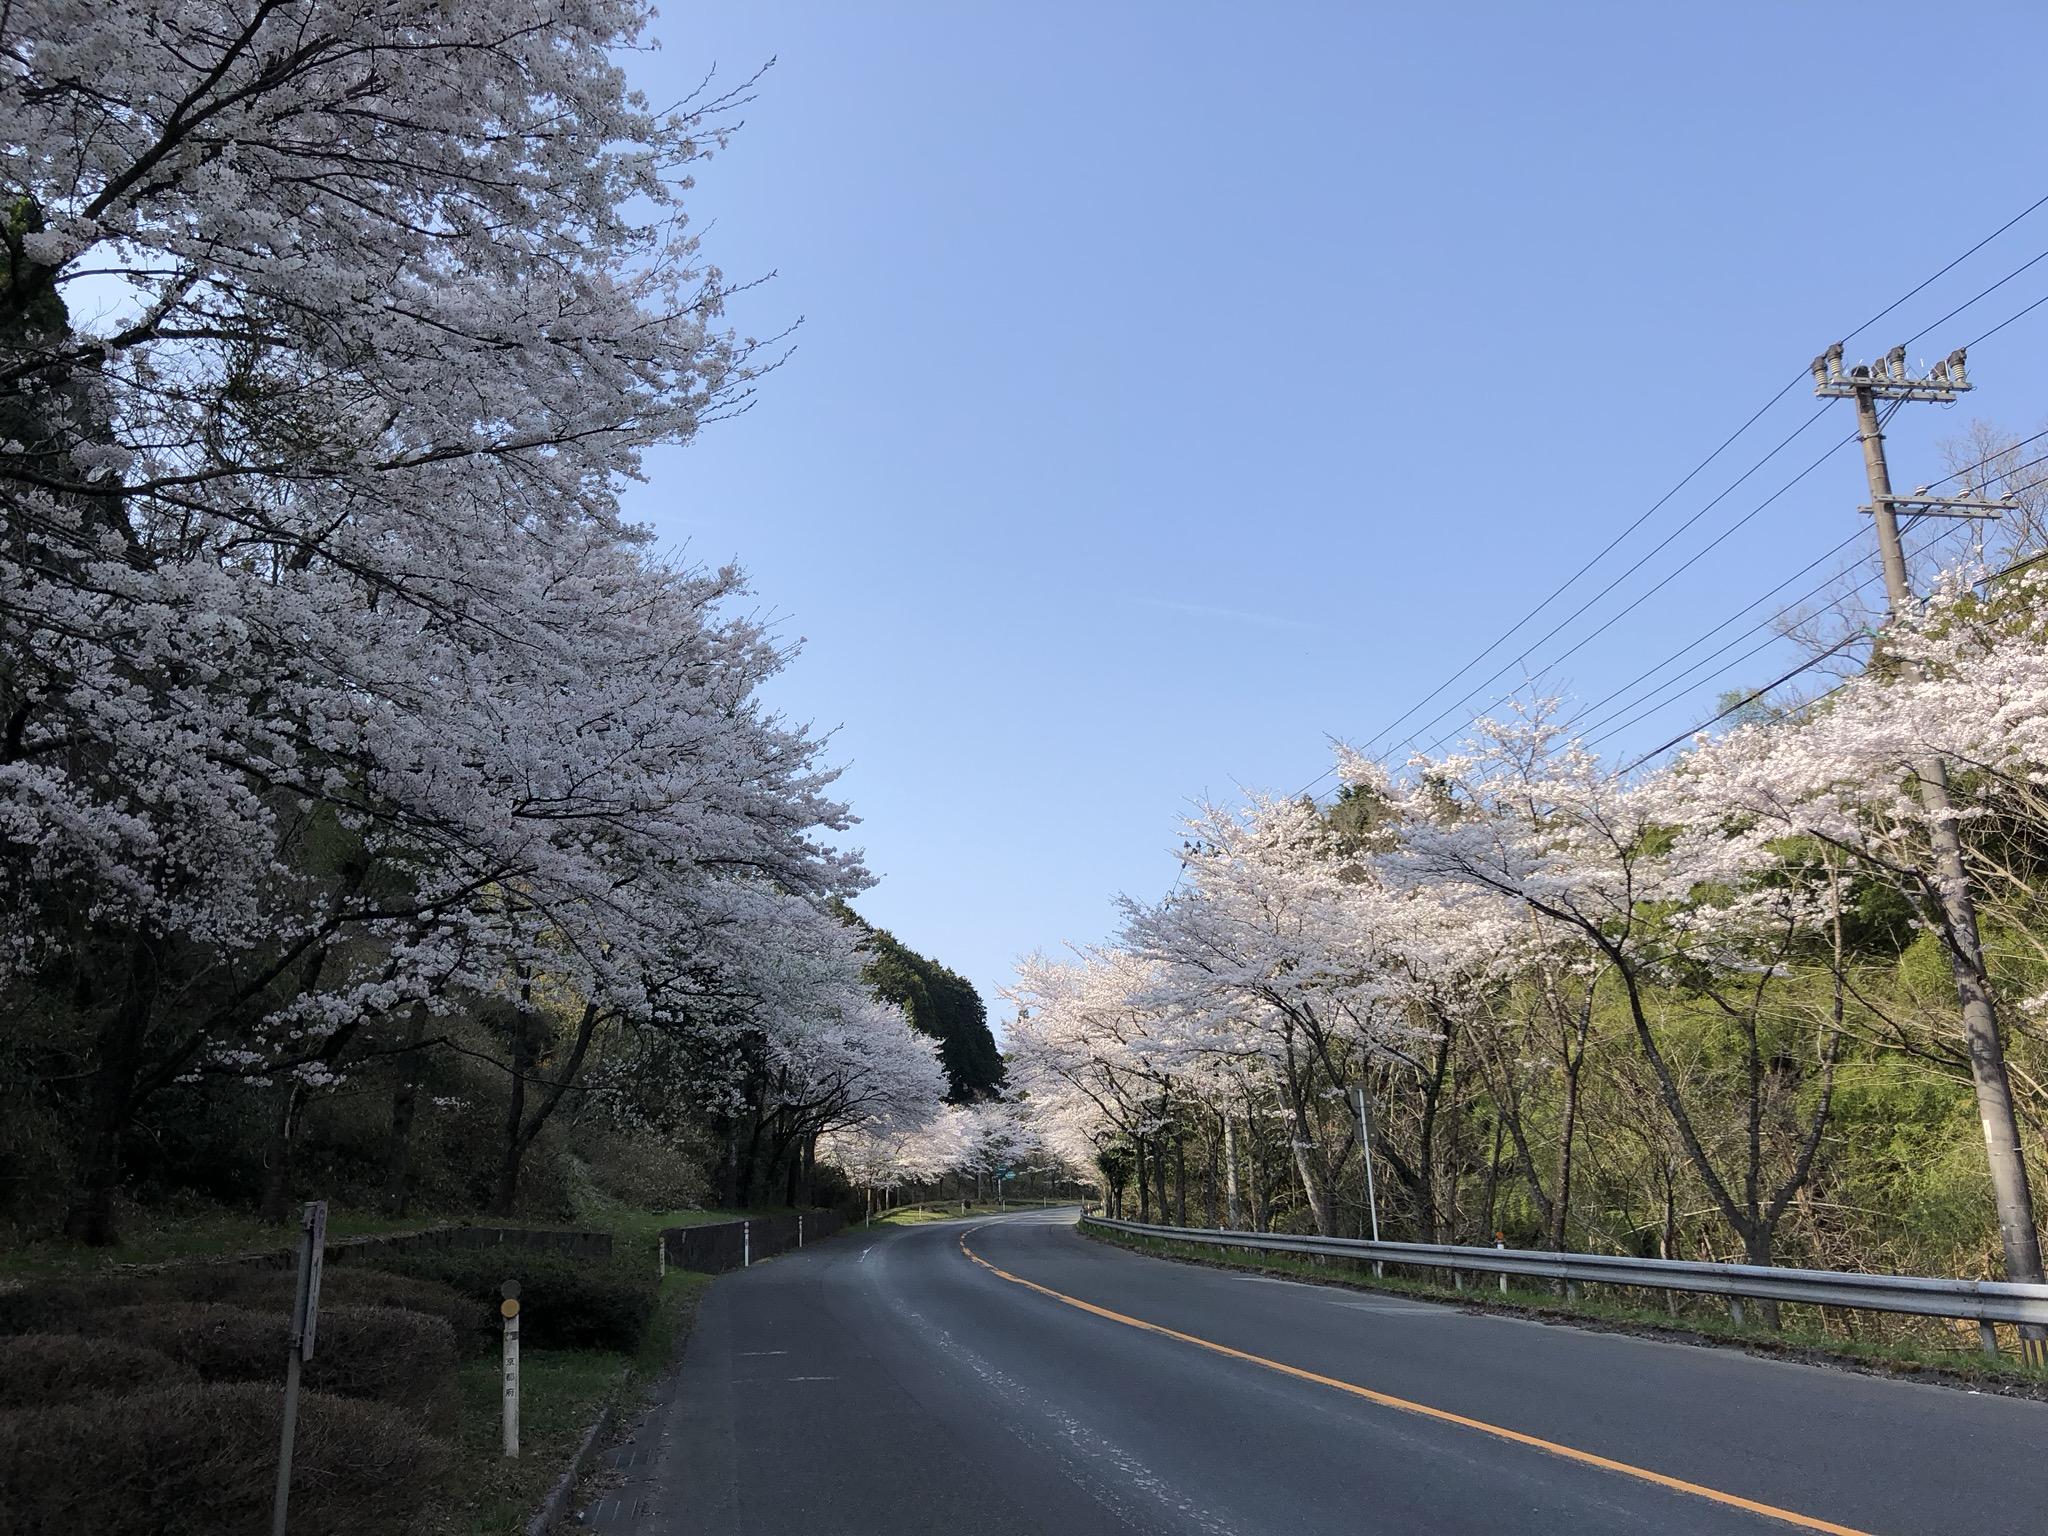 #桜 #丹後 #水戸谷峠 #満開